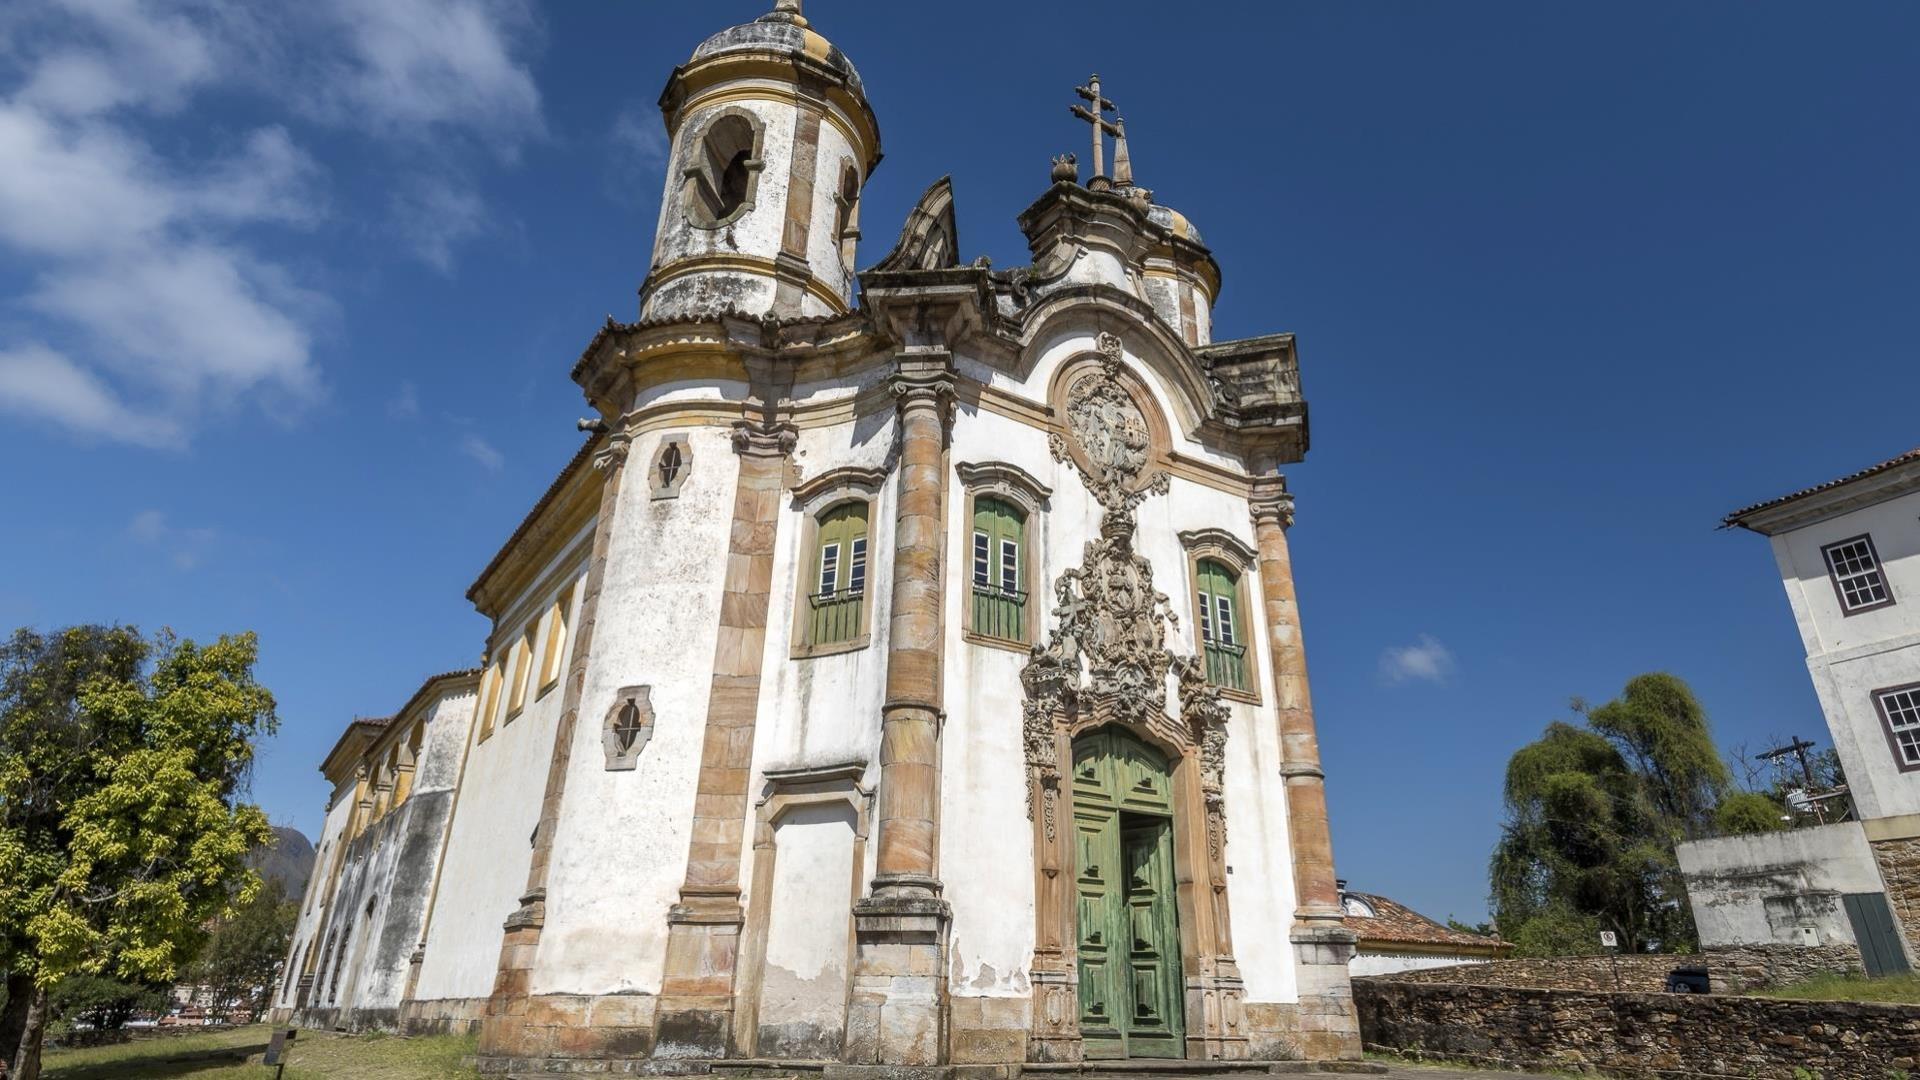 Brasilien Minas Gerais: 5 Tage Reisebaustein - Ouro Preto und Umgebung klassisch erleben